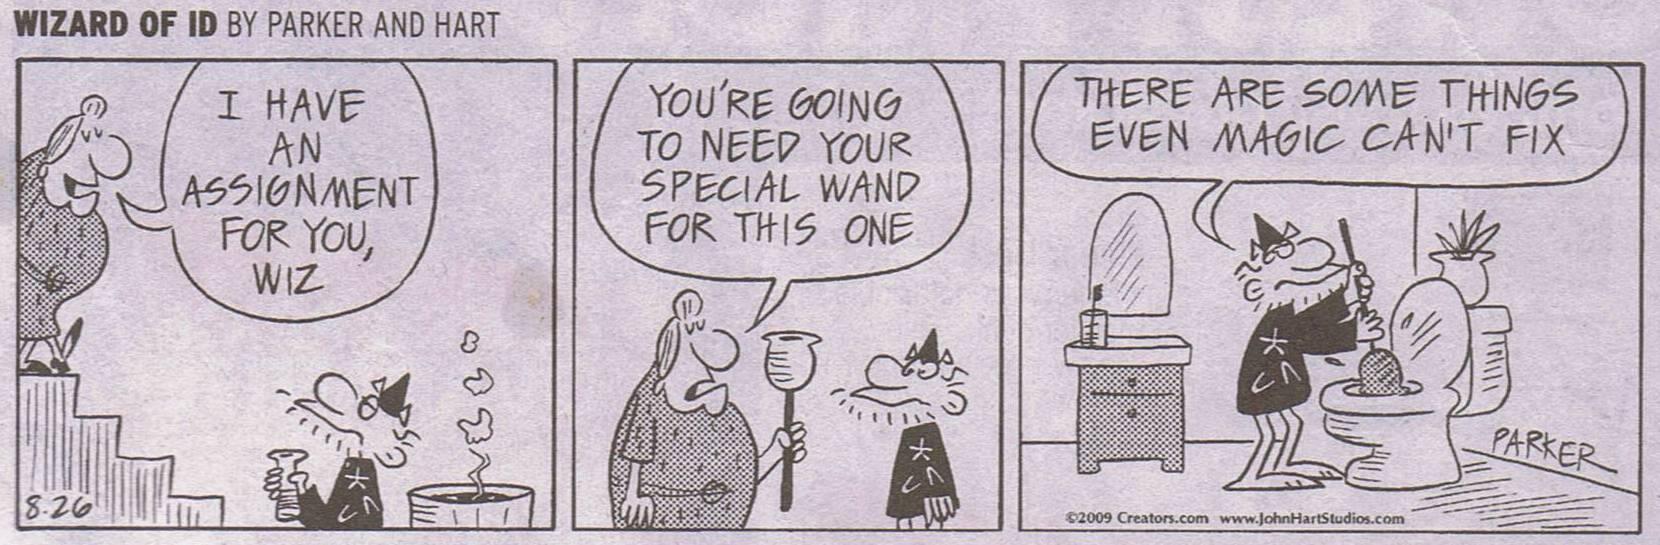 Wizard ID Plumber